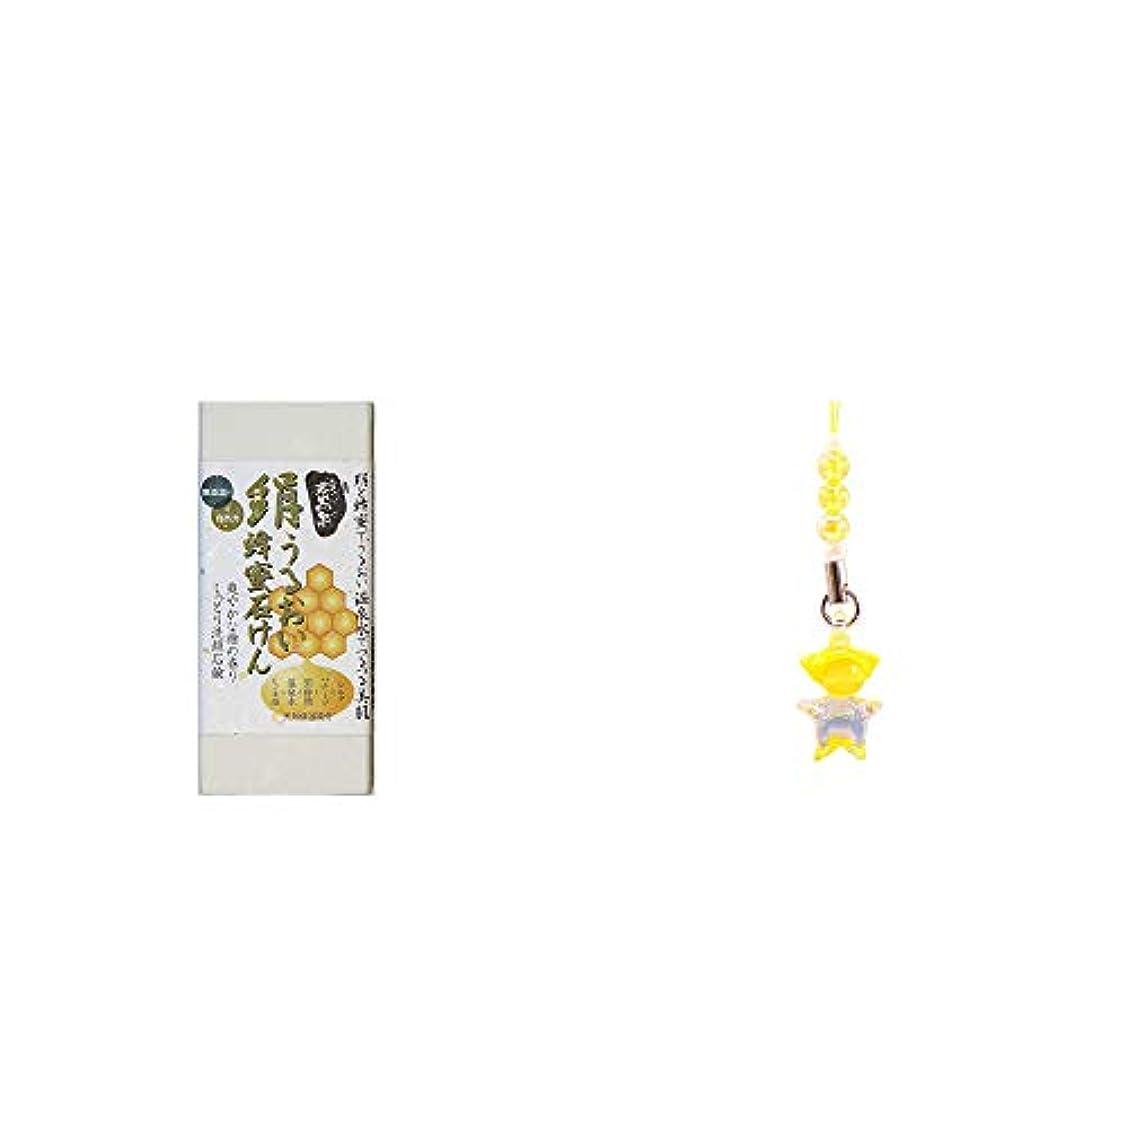 改革油ブラスト[2点セット] ひのき炭黒泉 絹うるおい蜂蜜石けん(75g×2)?ガラスのさるぼぼ 手作りキーホルダー 【黄】 /金運?ギャンブル運?財運?宝くじ当選祈願//